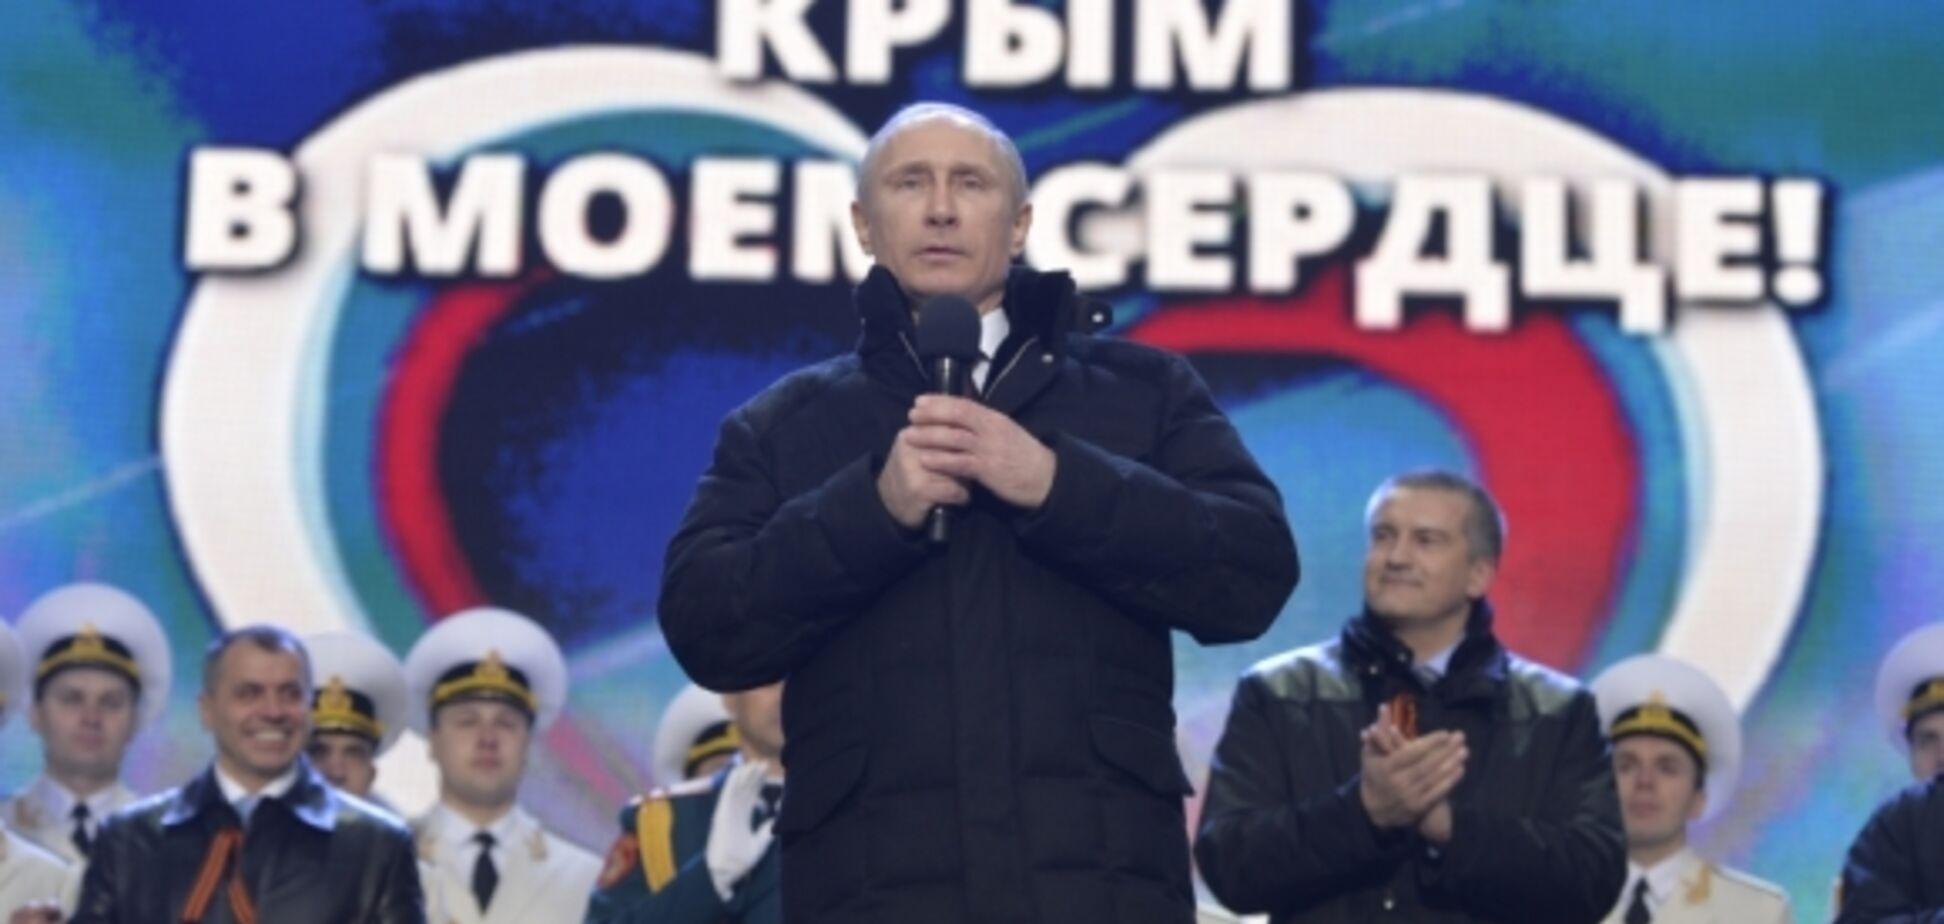 Путін відповів на питання з приводу повернення Криму Україні